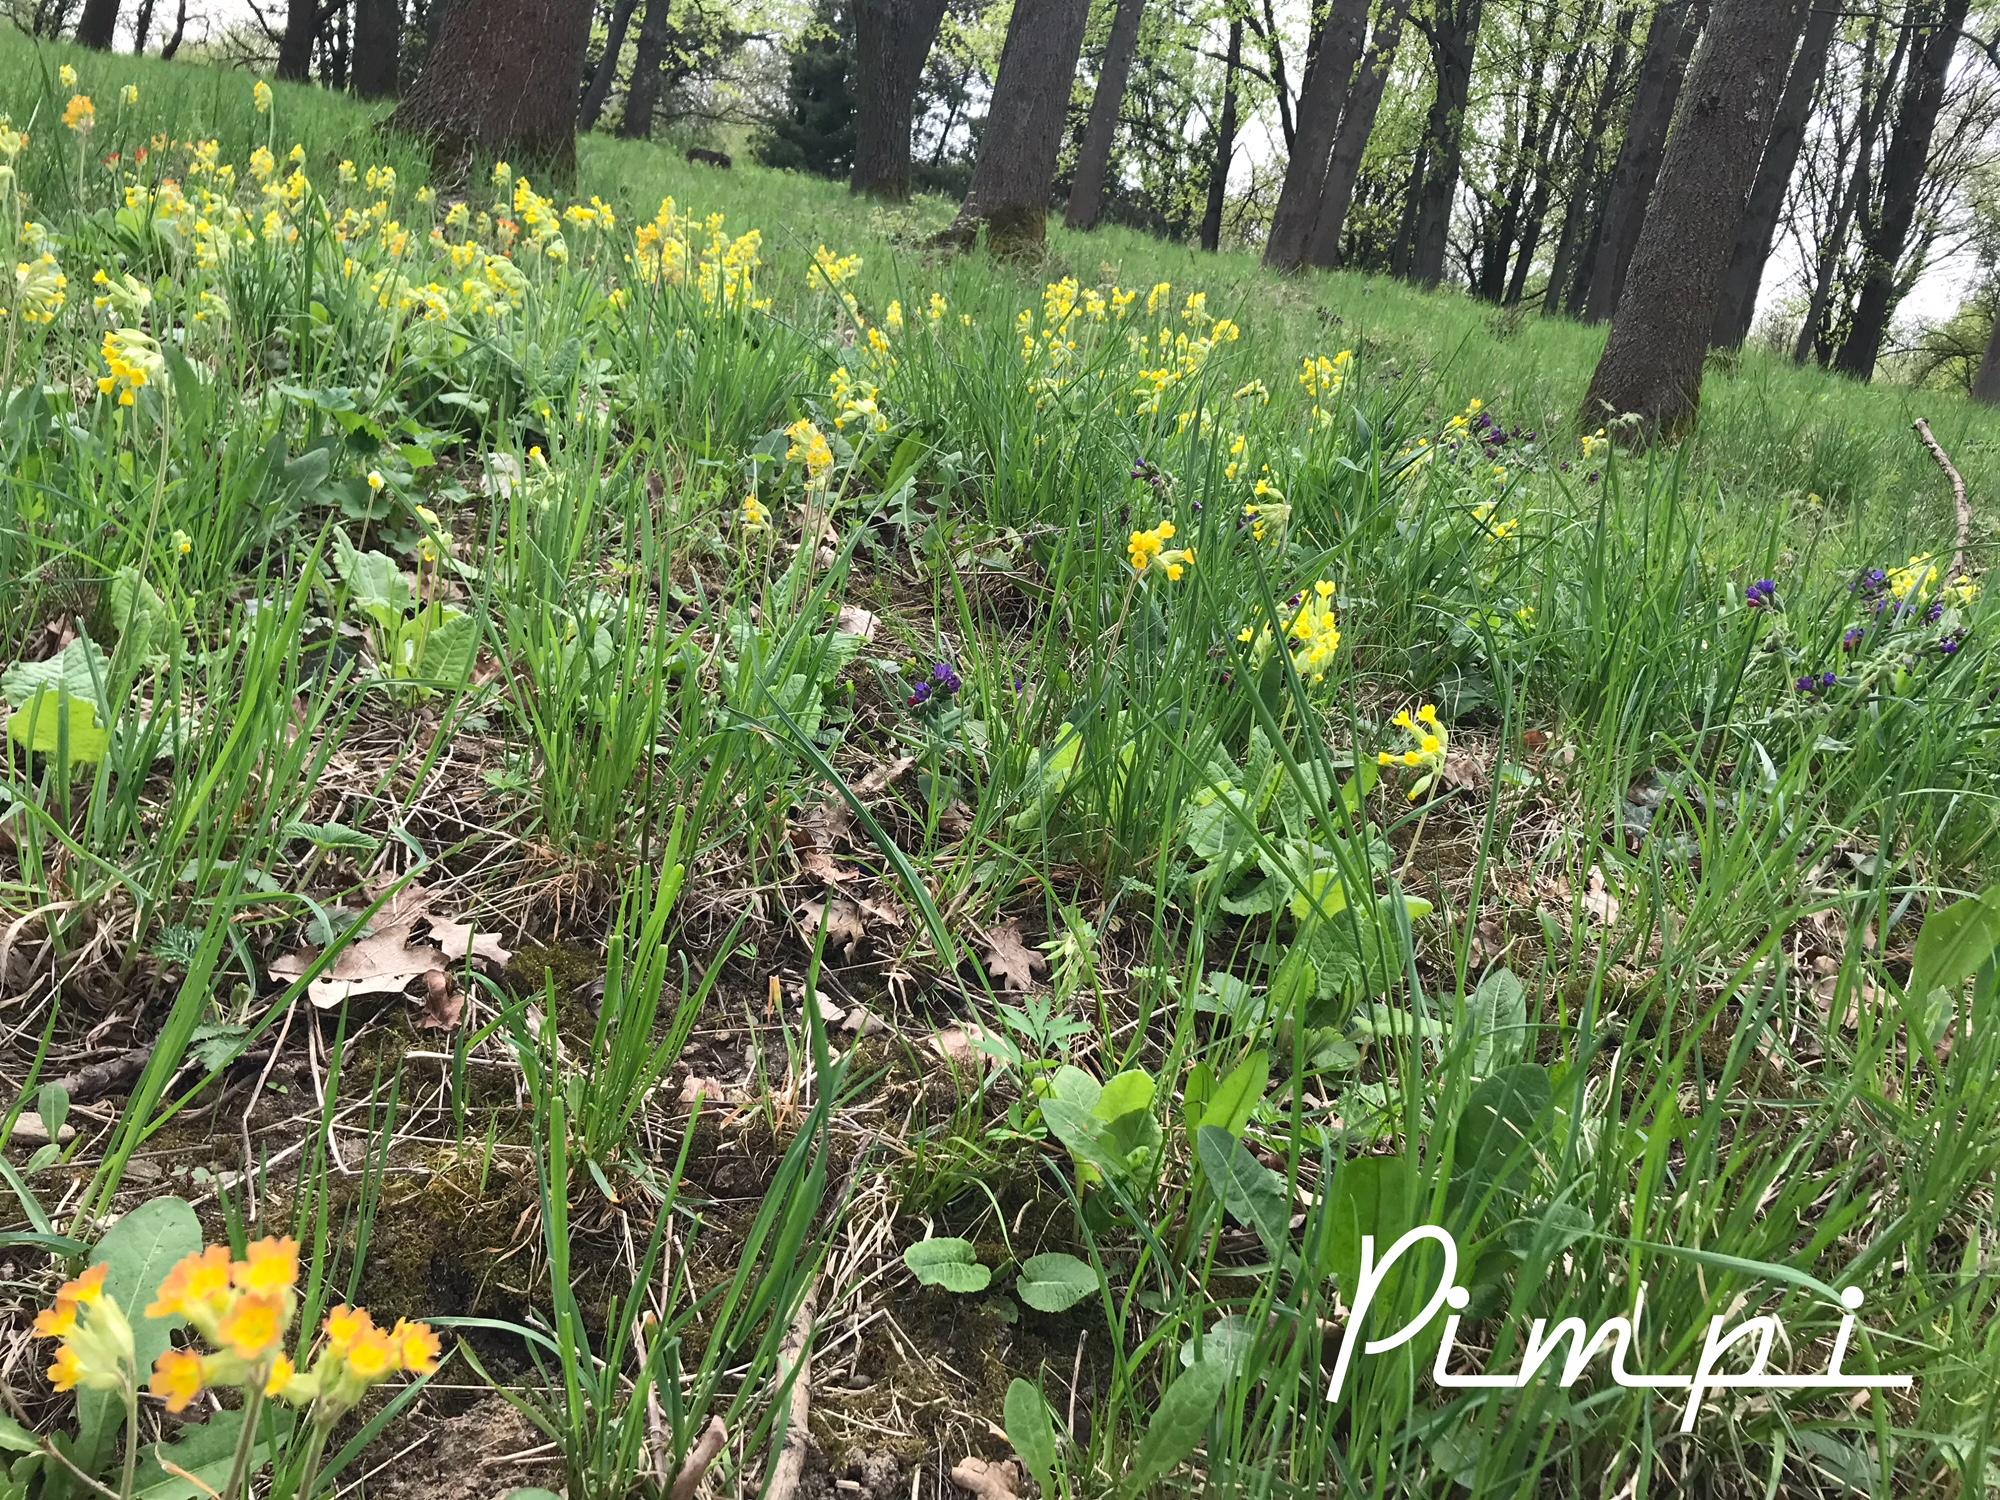 pimpi-cestovanie-bábo-bábätko-botanická záhrada-košice-jar-prechádzka-les-zeleň-tulipány-narcisy